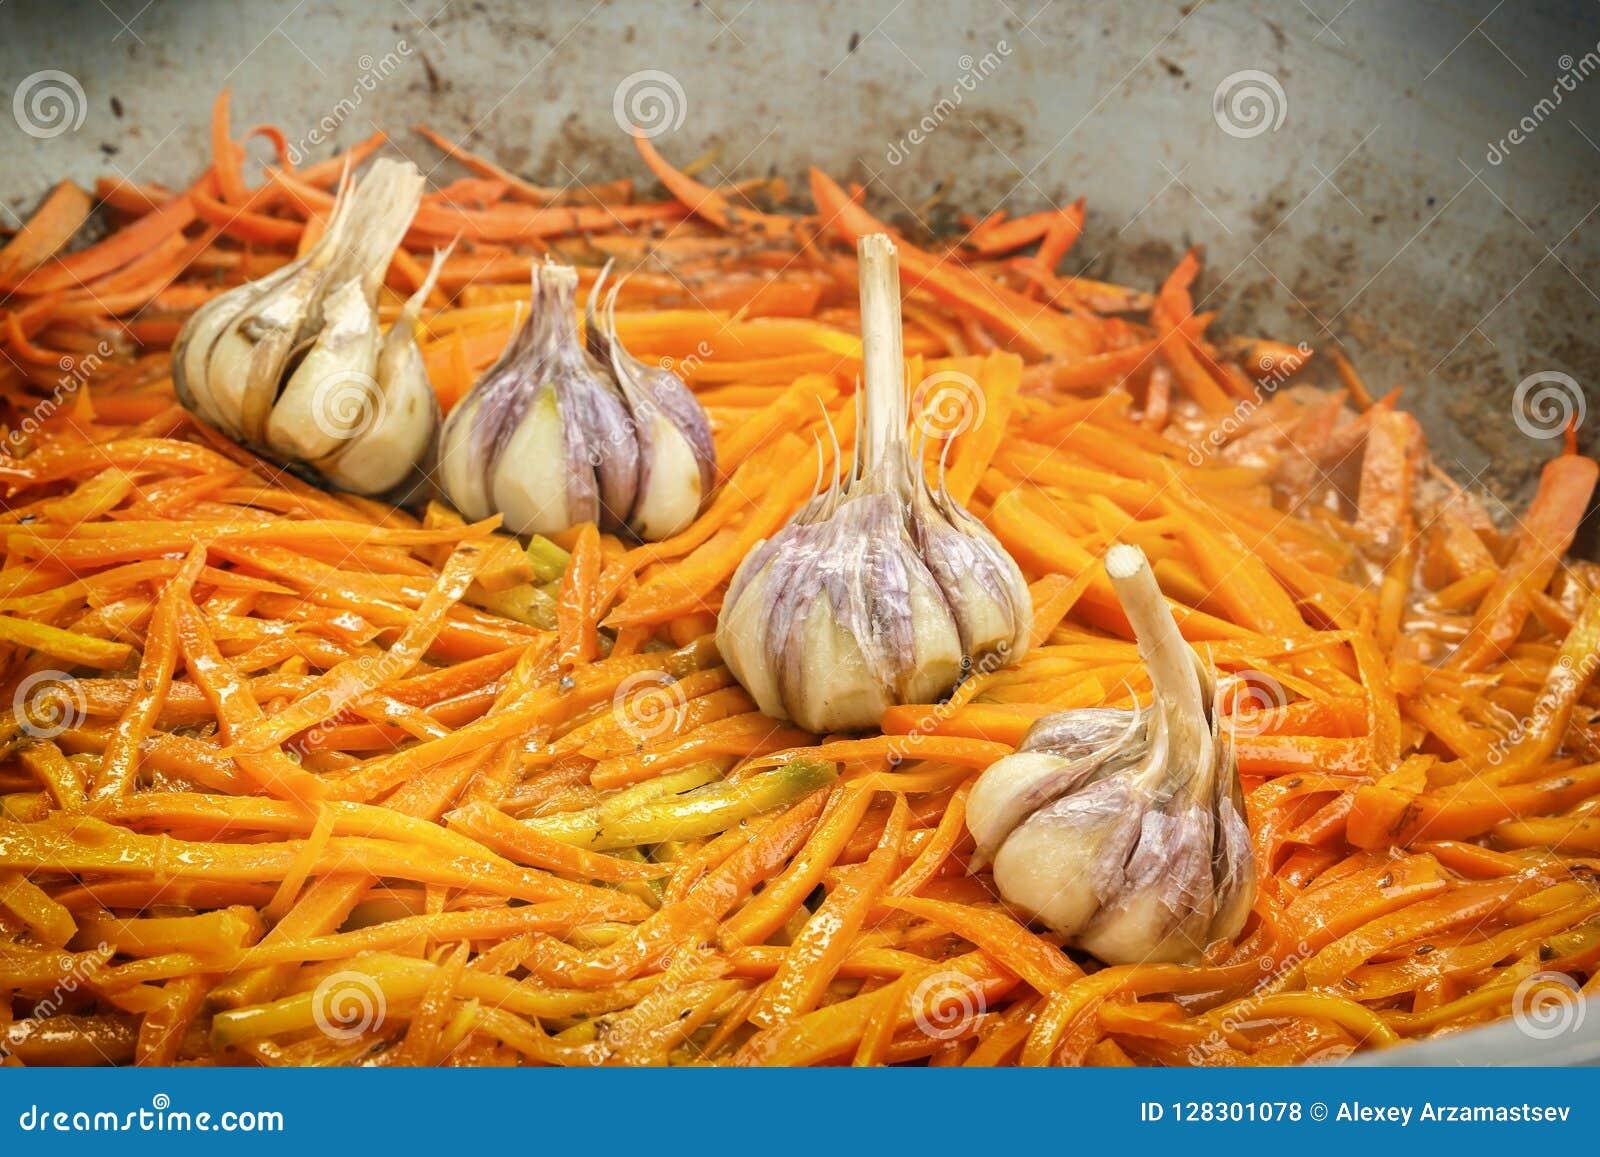 Жарят в духовке в большой сковороде на улице для того чтобы подготовить морковей и чеснок традиционное азиатское блюдо pilaf